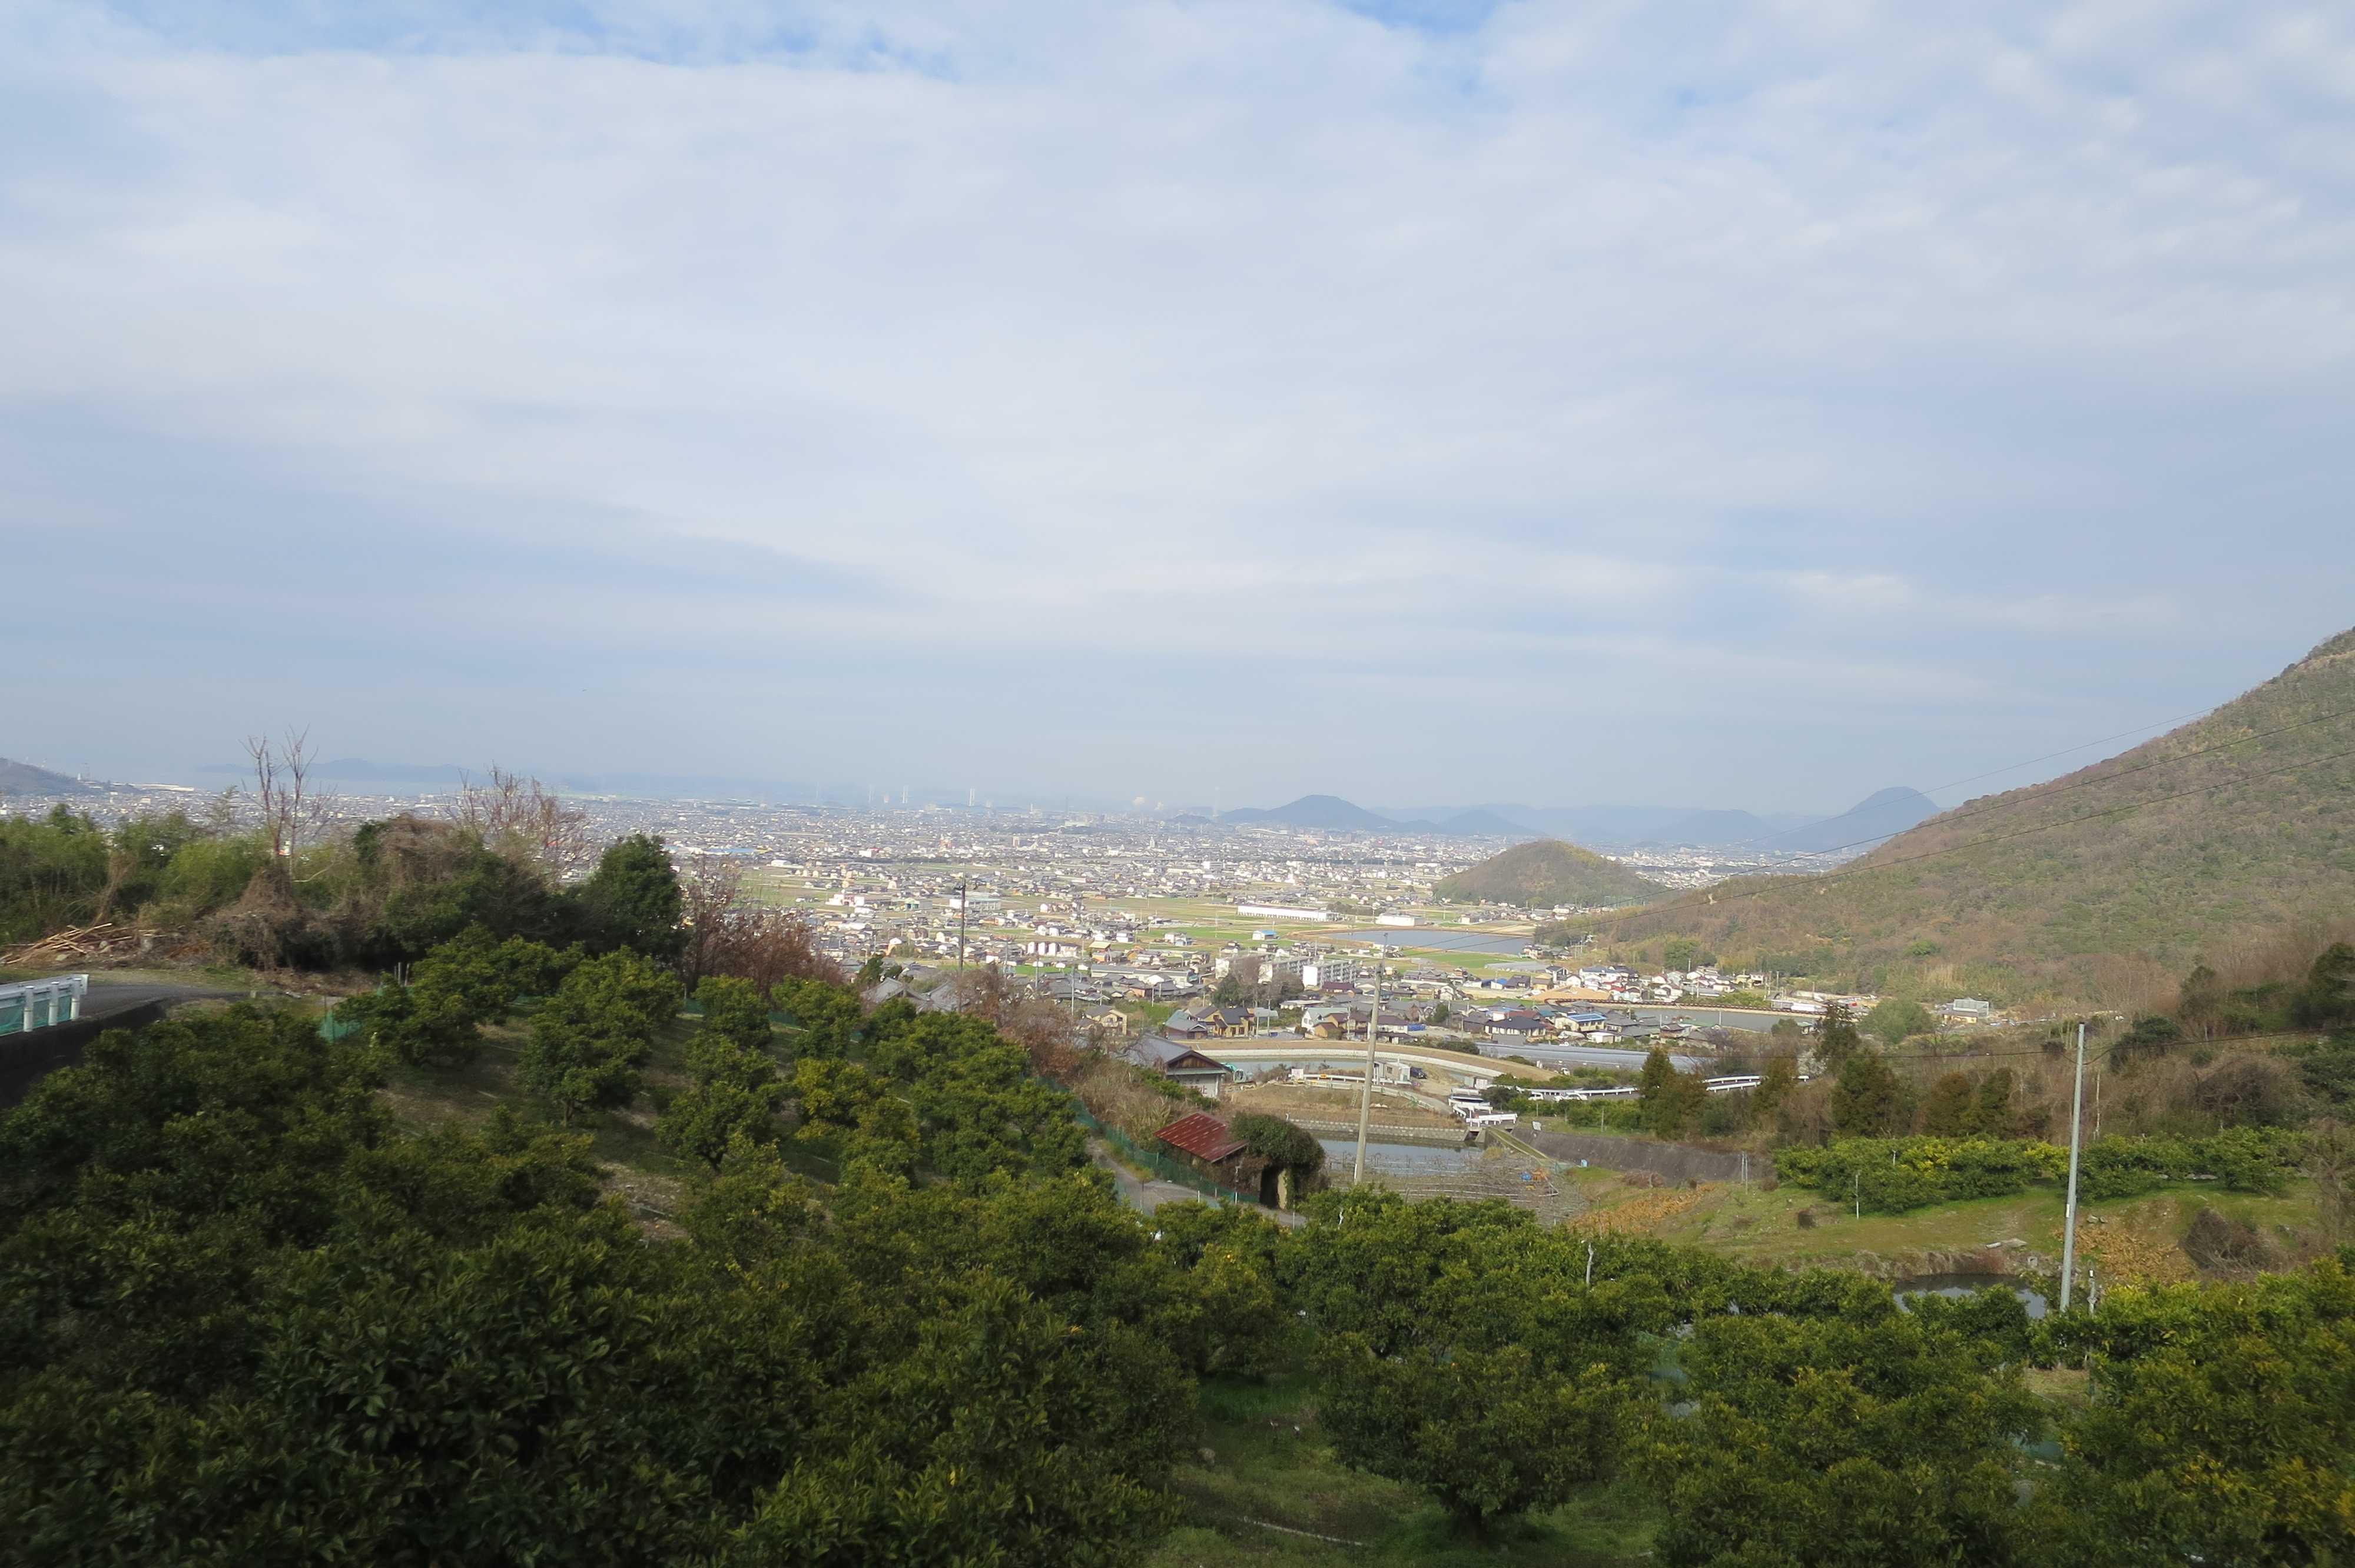 奥の院捨身ヶ嶽禅定 - 讃岐平野